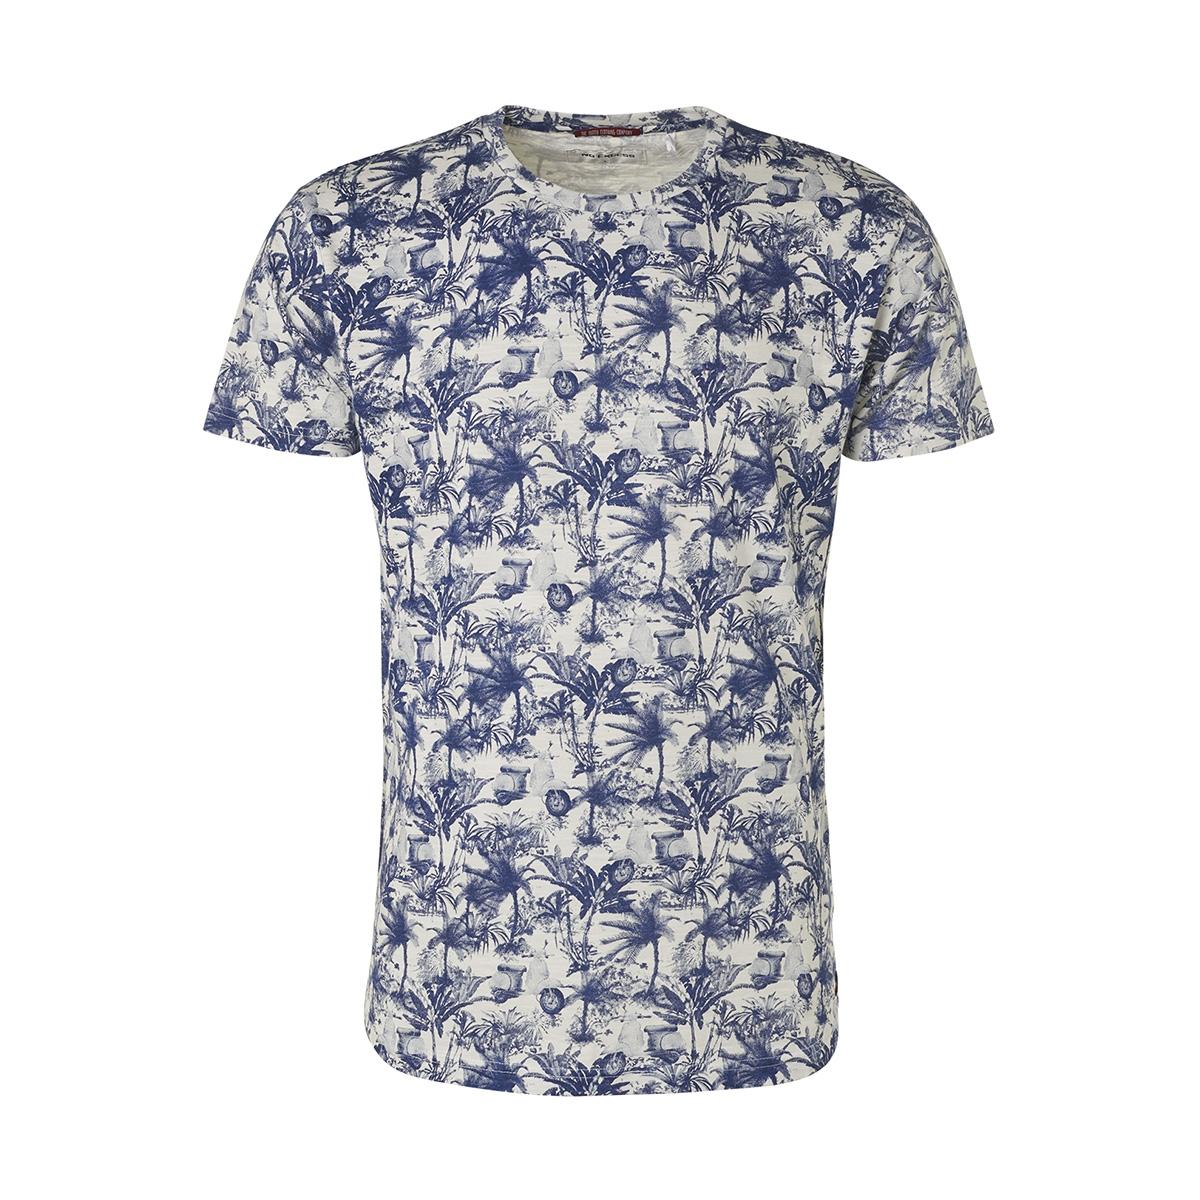 all over printed crewneck t shirt 95350304 no-excess t-shirt 136 indigo blue